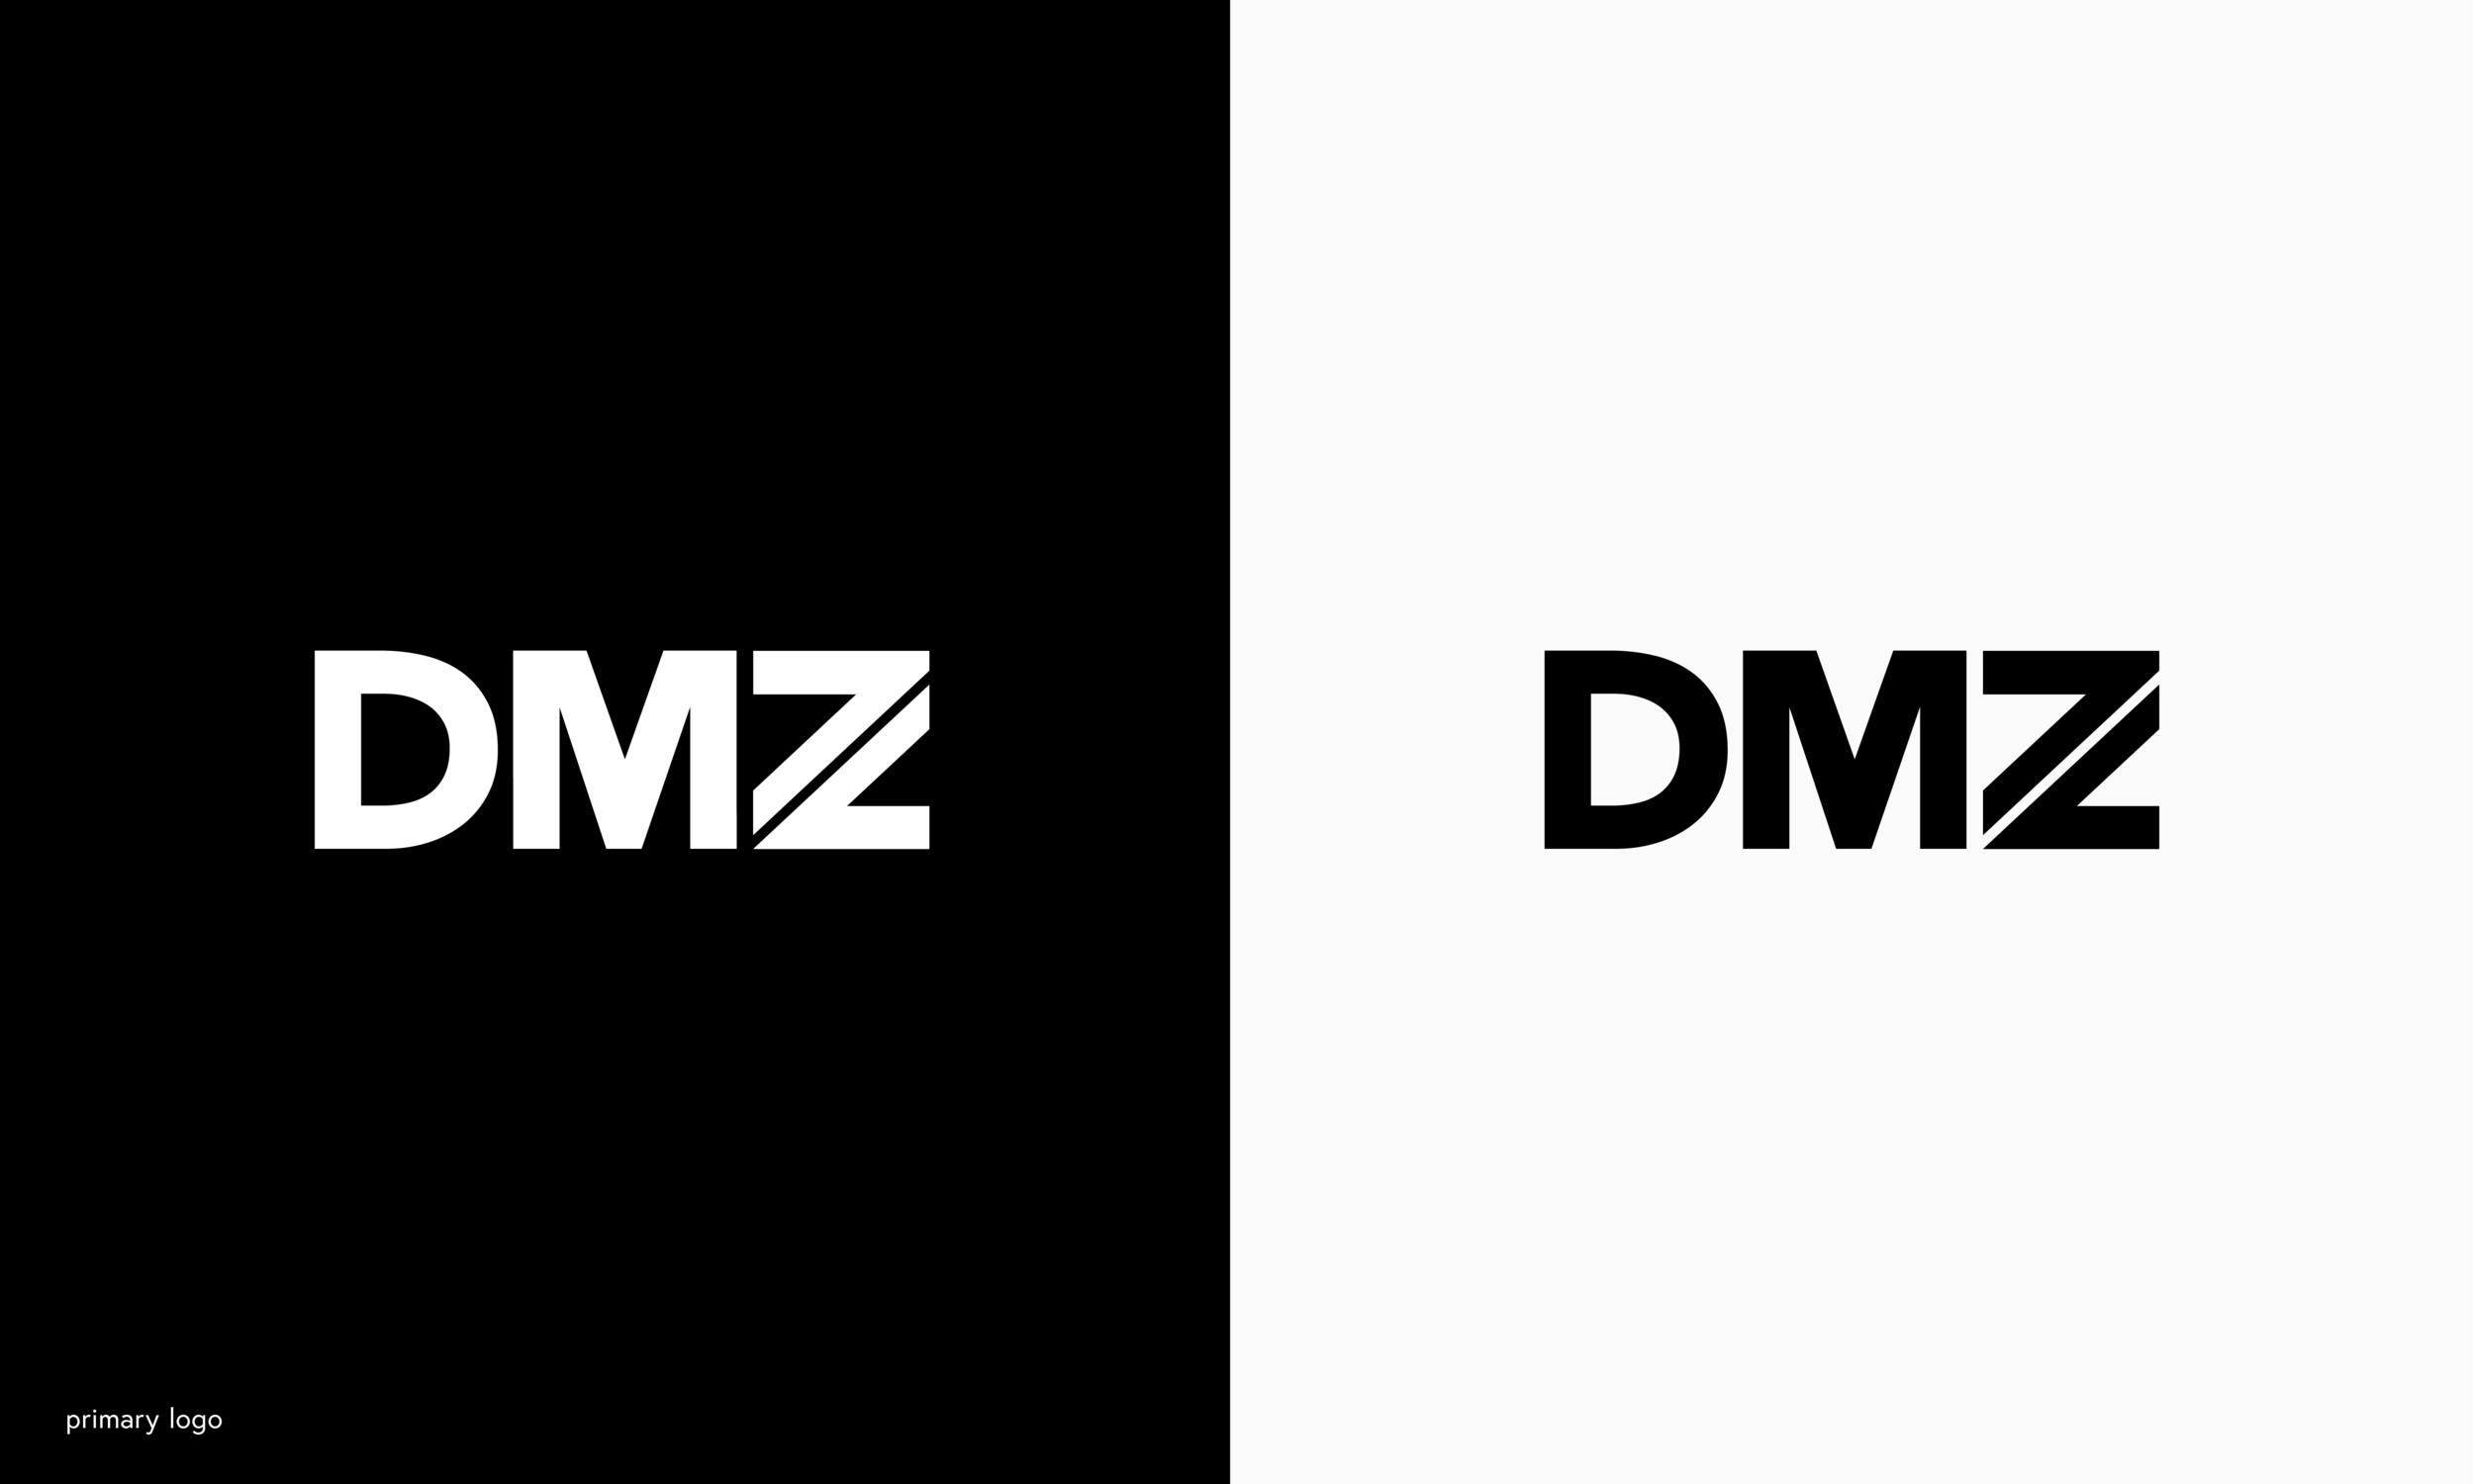 DMZ-02.png